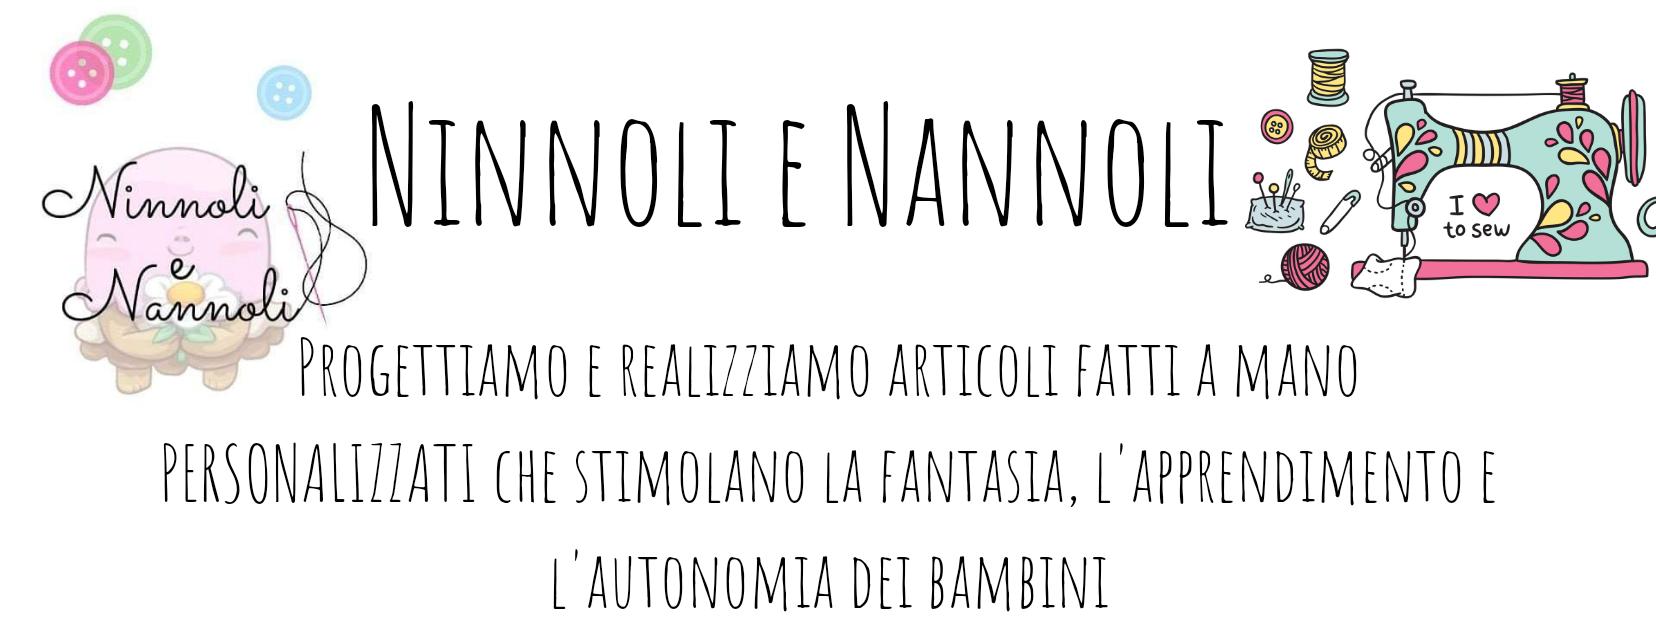 Ninnoli e Nannoli